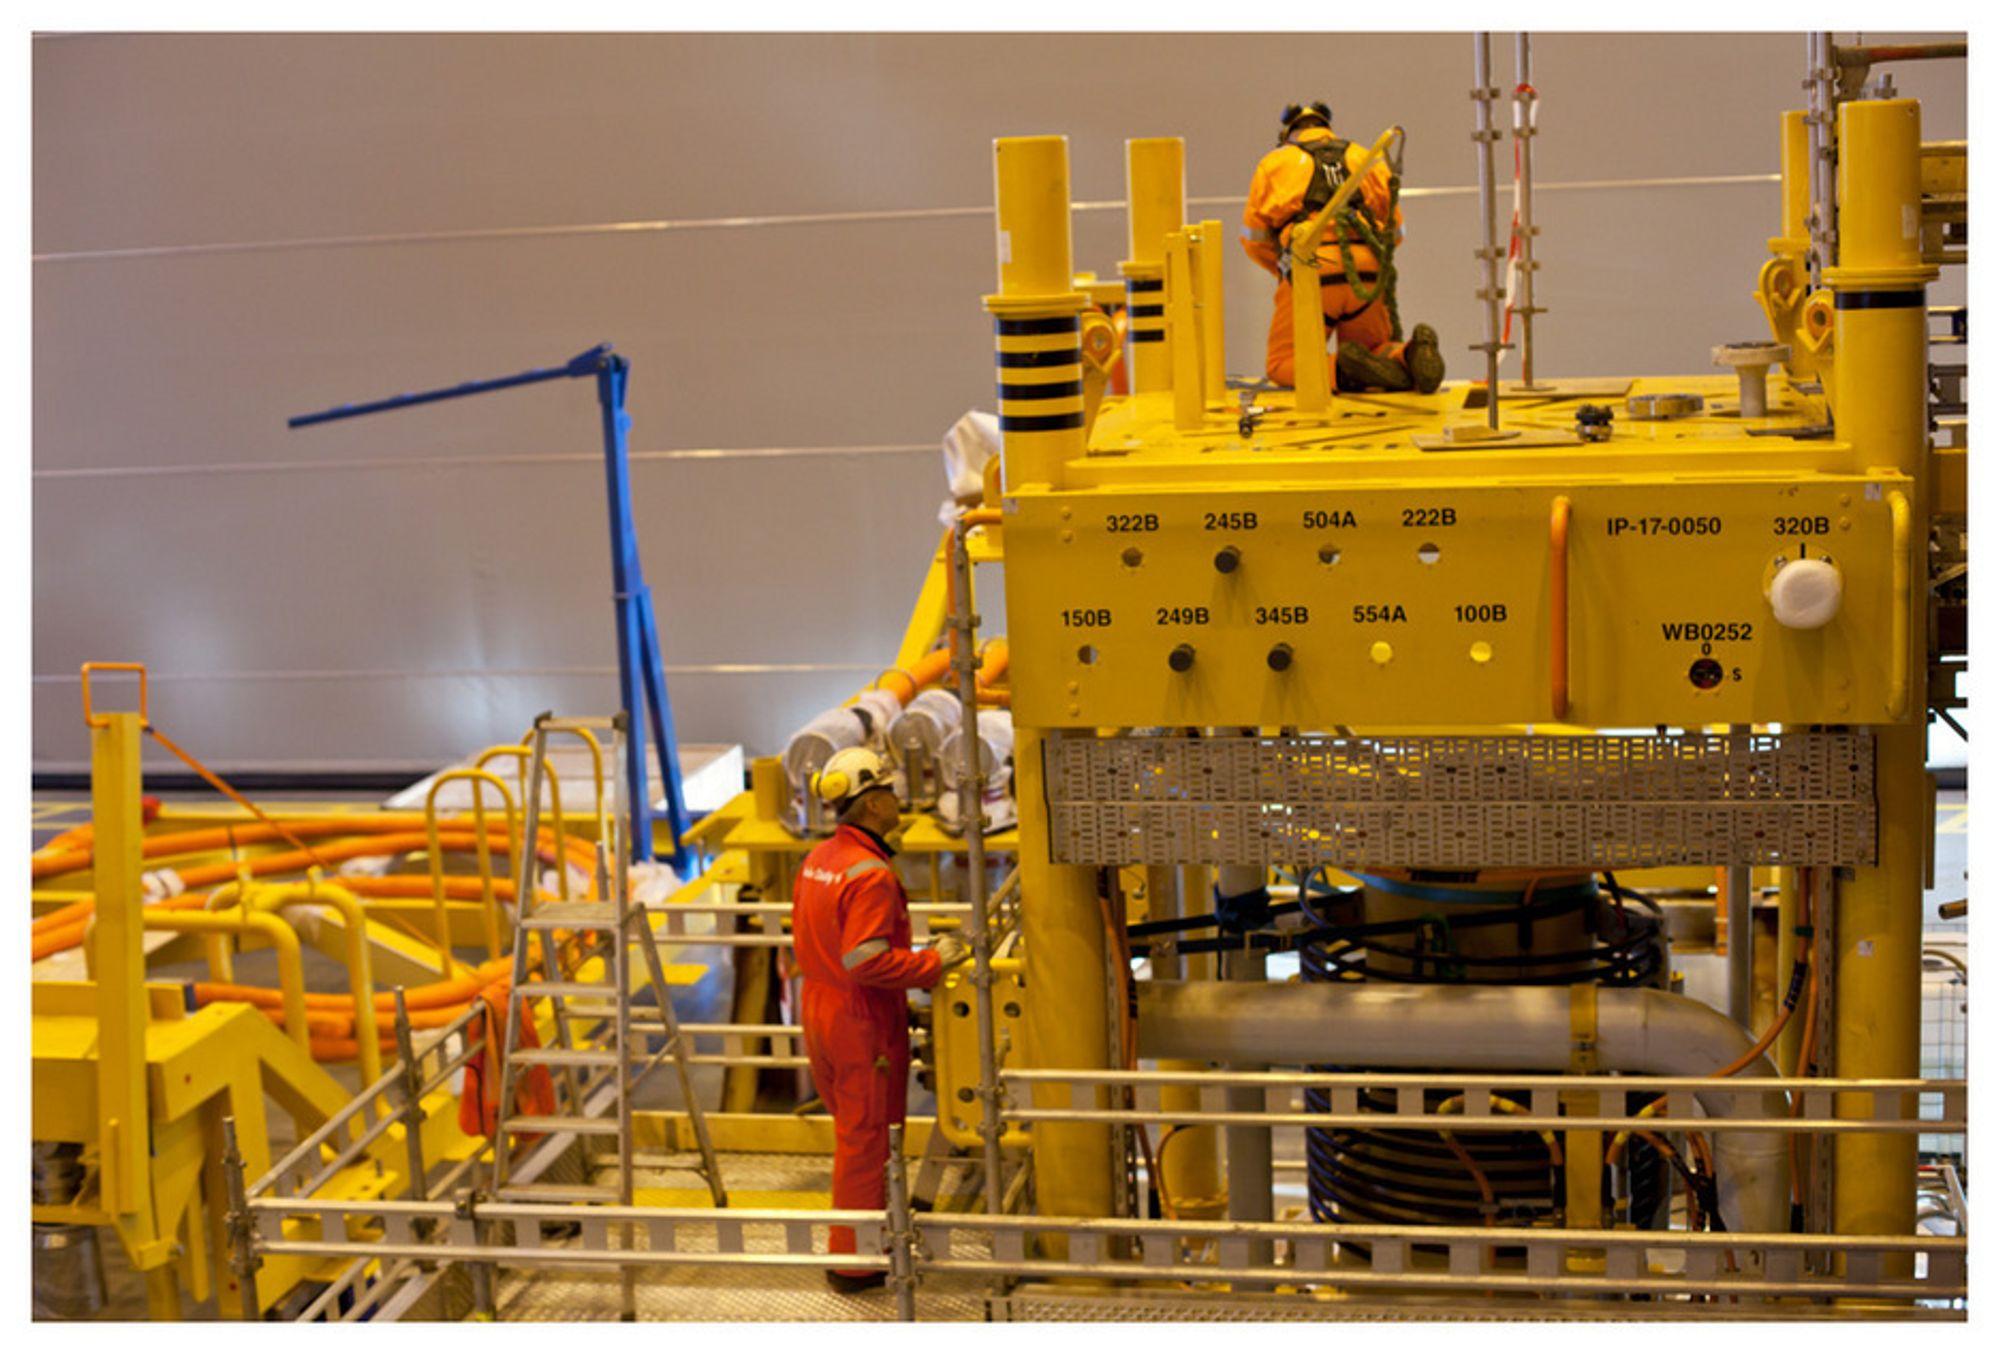 SNART KLAR: I november var pilotanlegget for subsea gasskompresjonsanlegget ferdig montert. Etter det har det vært testet.